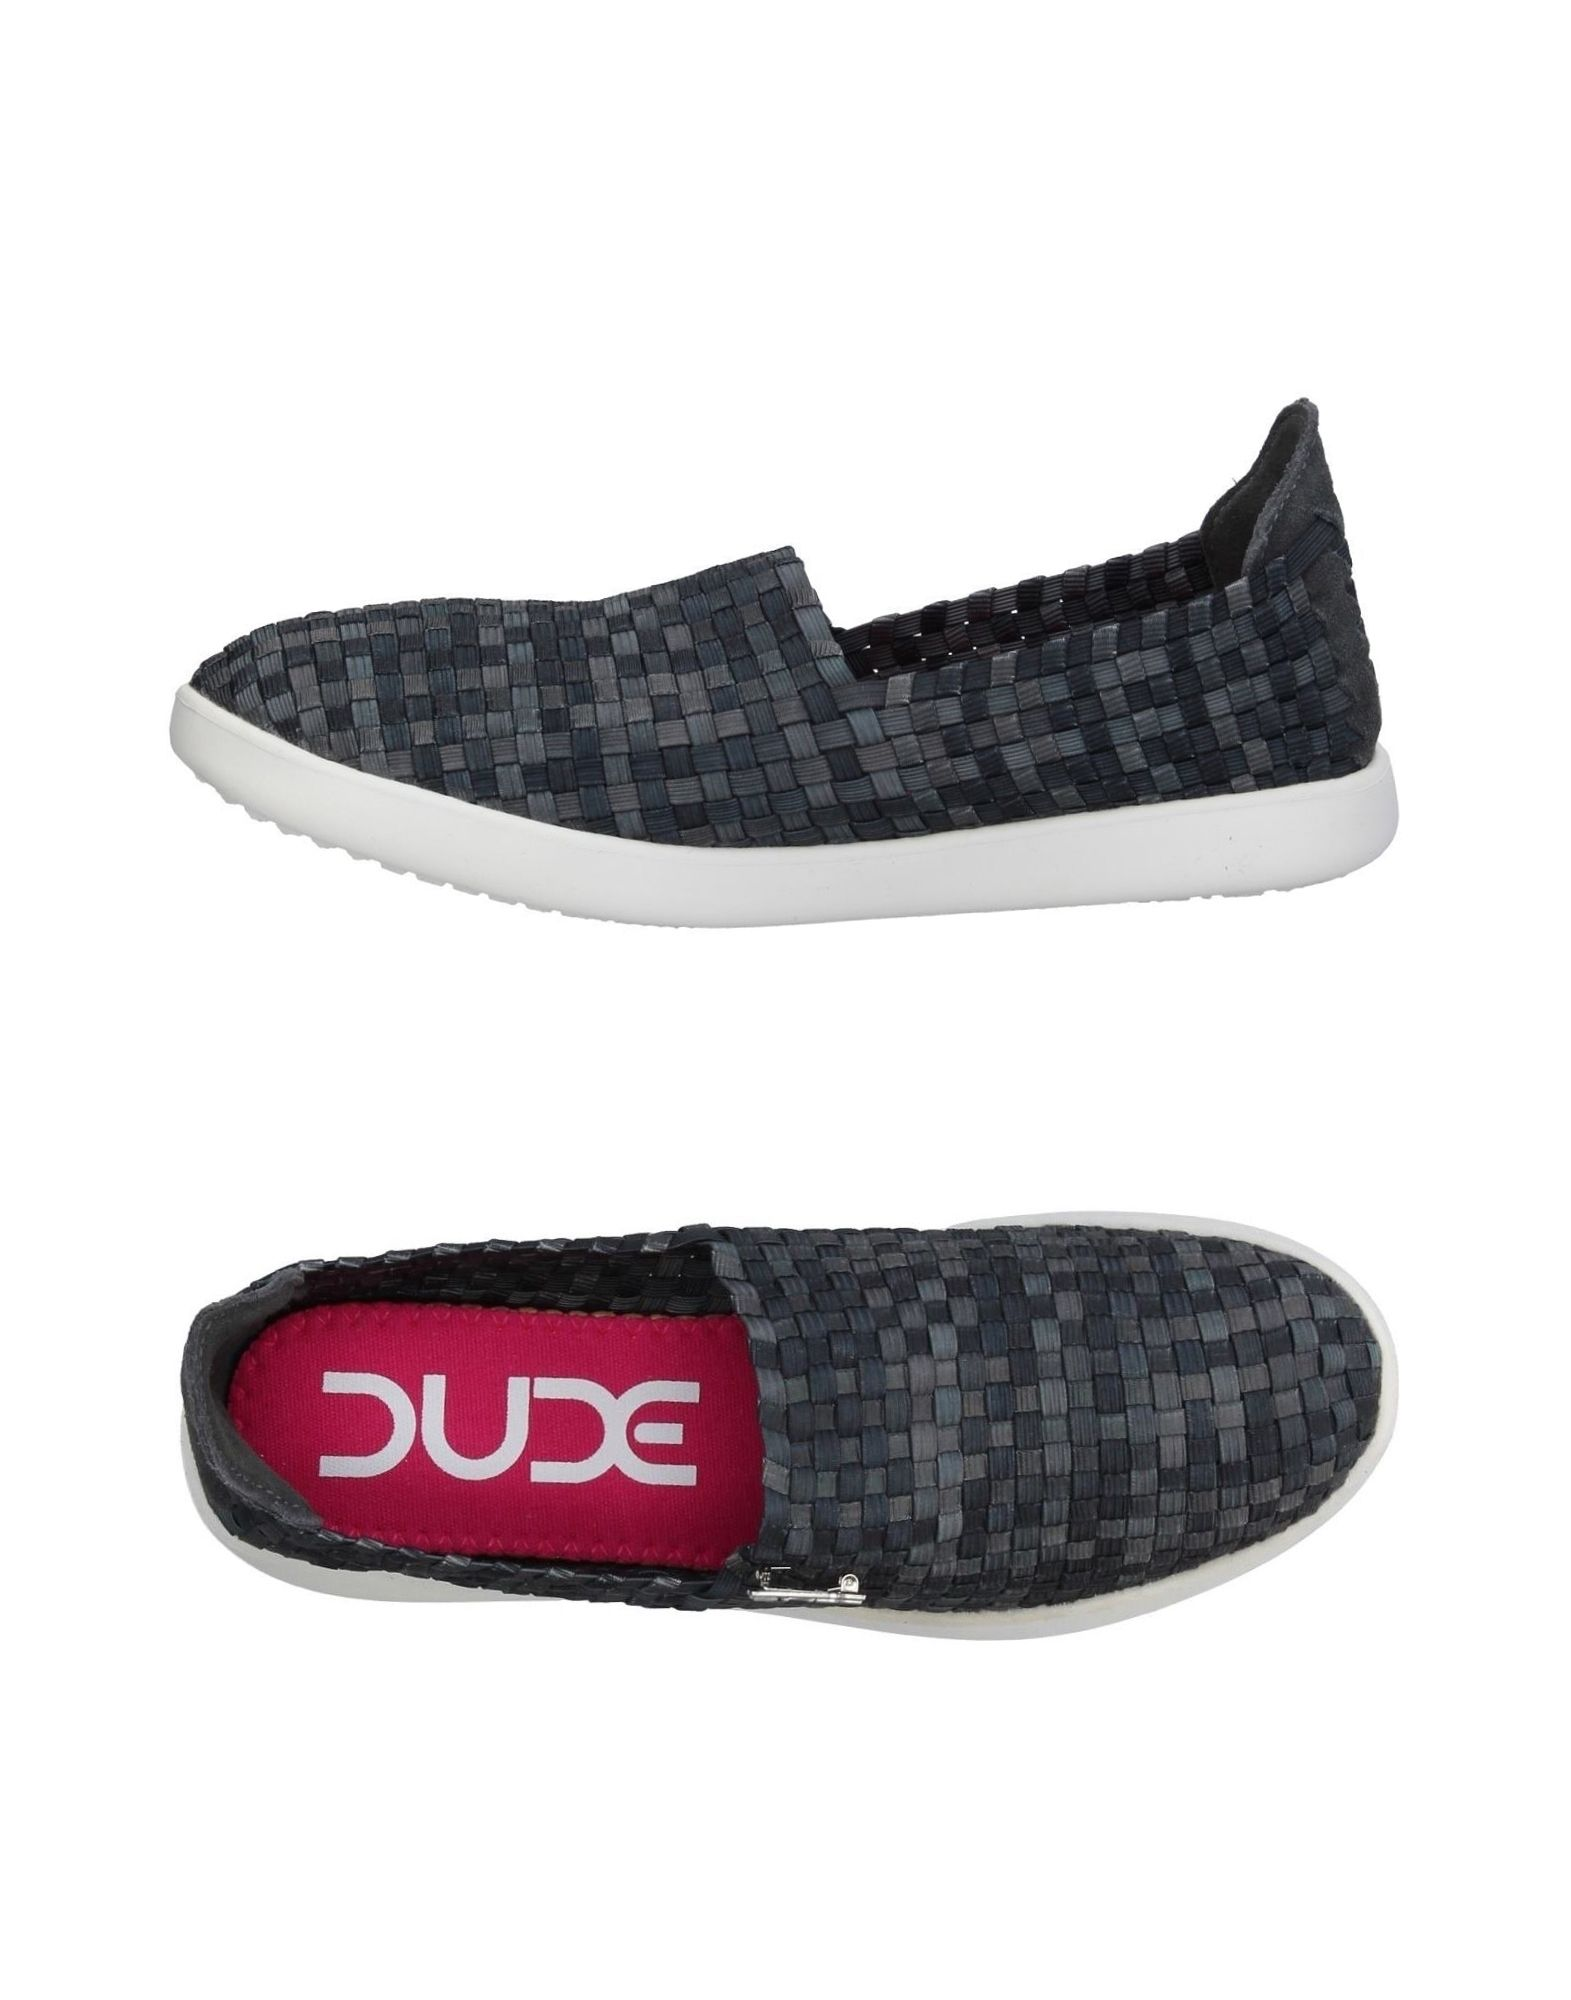 《送料無料》HEY DUDE SHOES メンズ スニーカー&テニスシューズ(ローカット) 鉛色 40 ポリエステル 50% / ポリウレタン 50% / 革